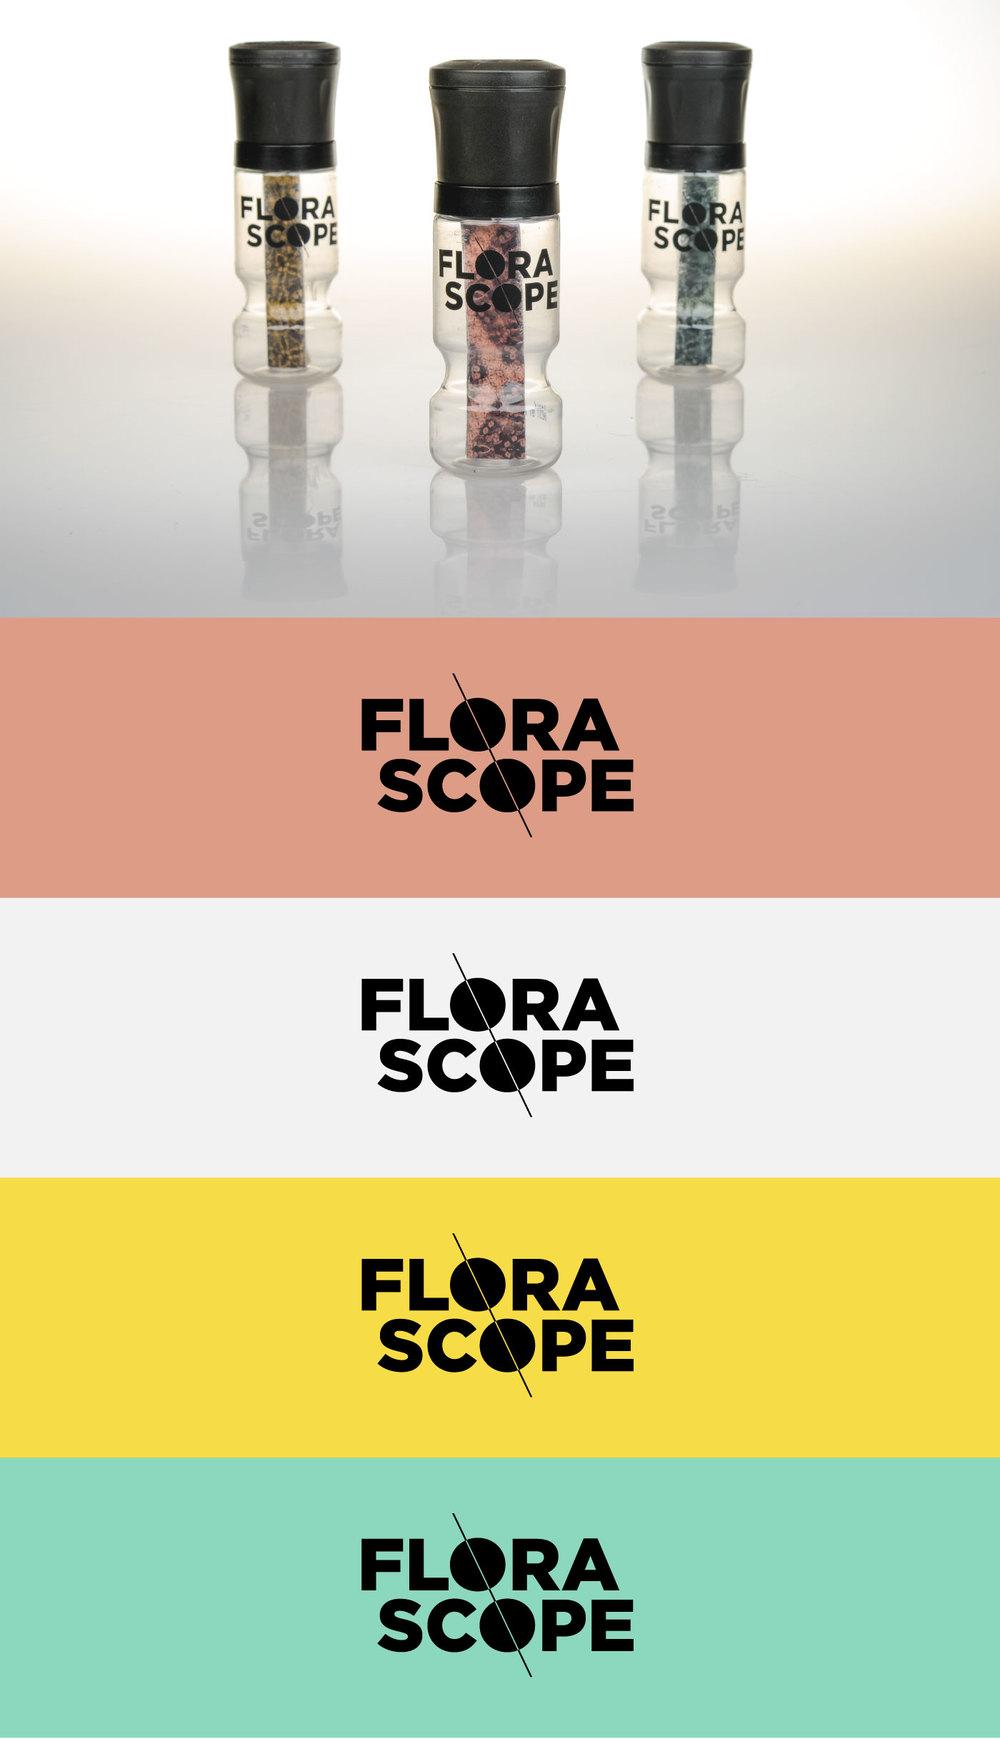 florascopeIntroImage_v3.jpg